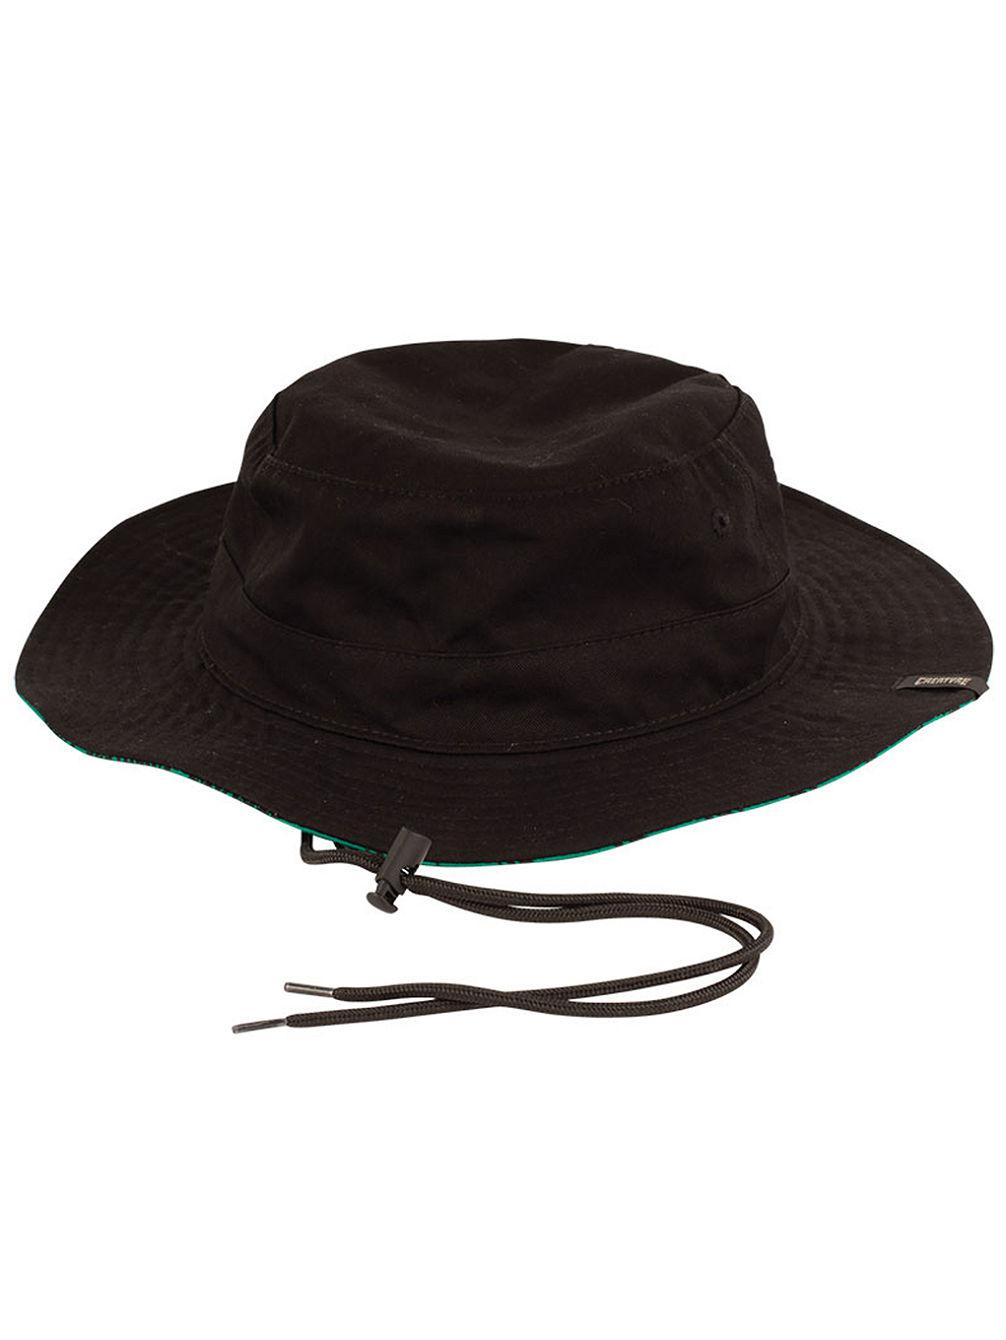 creature-safari-boonie-hat